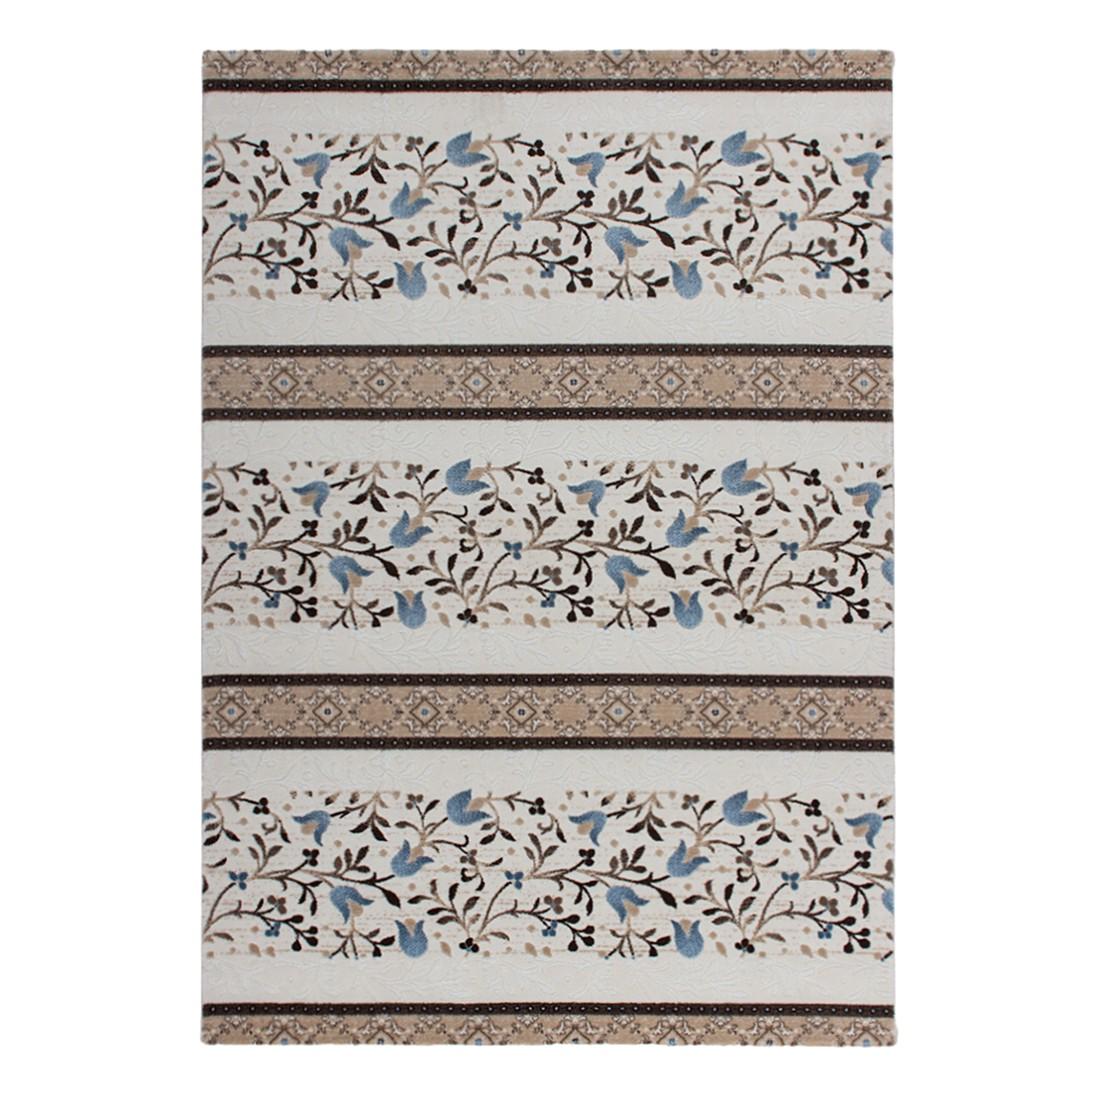 Teppich Greece – Iraklio – Blau – 80 x 150 cm, Kayoom online bestellen